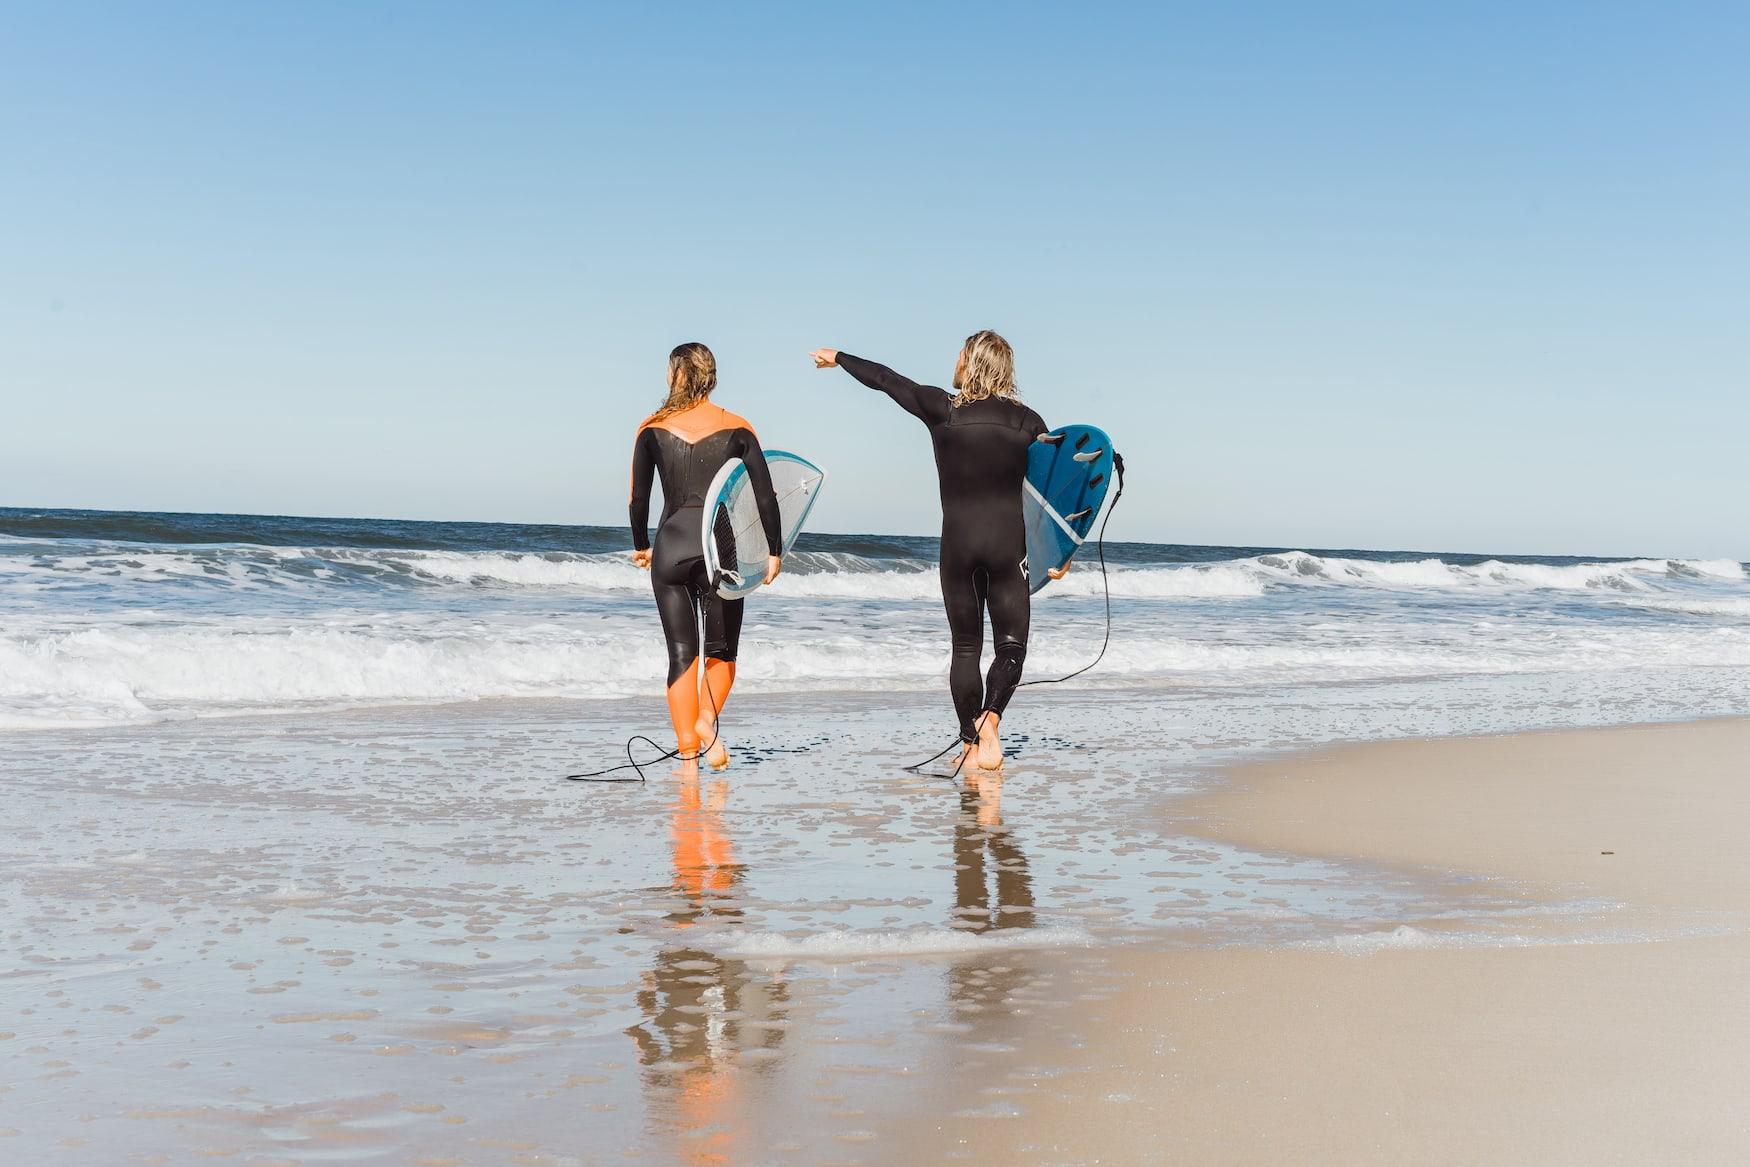 Mann und Frau in Neoprenanzügen spazieren mit Surfbrettern am Strand land